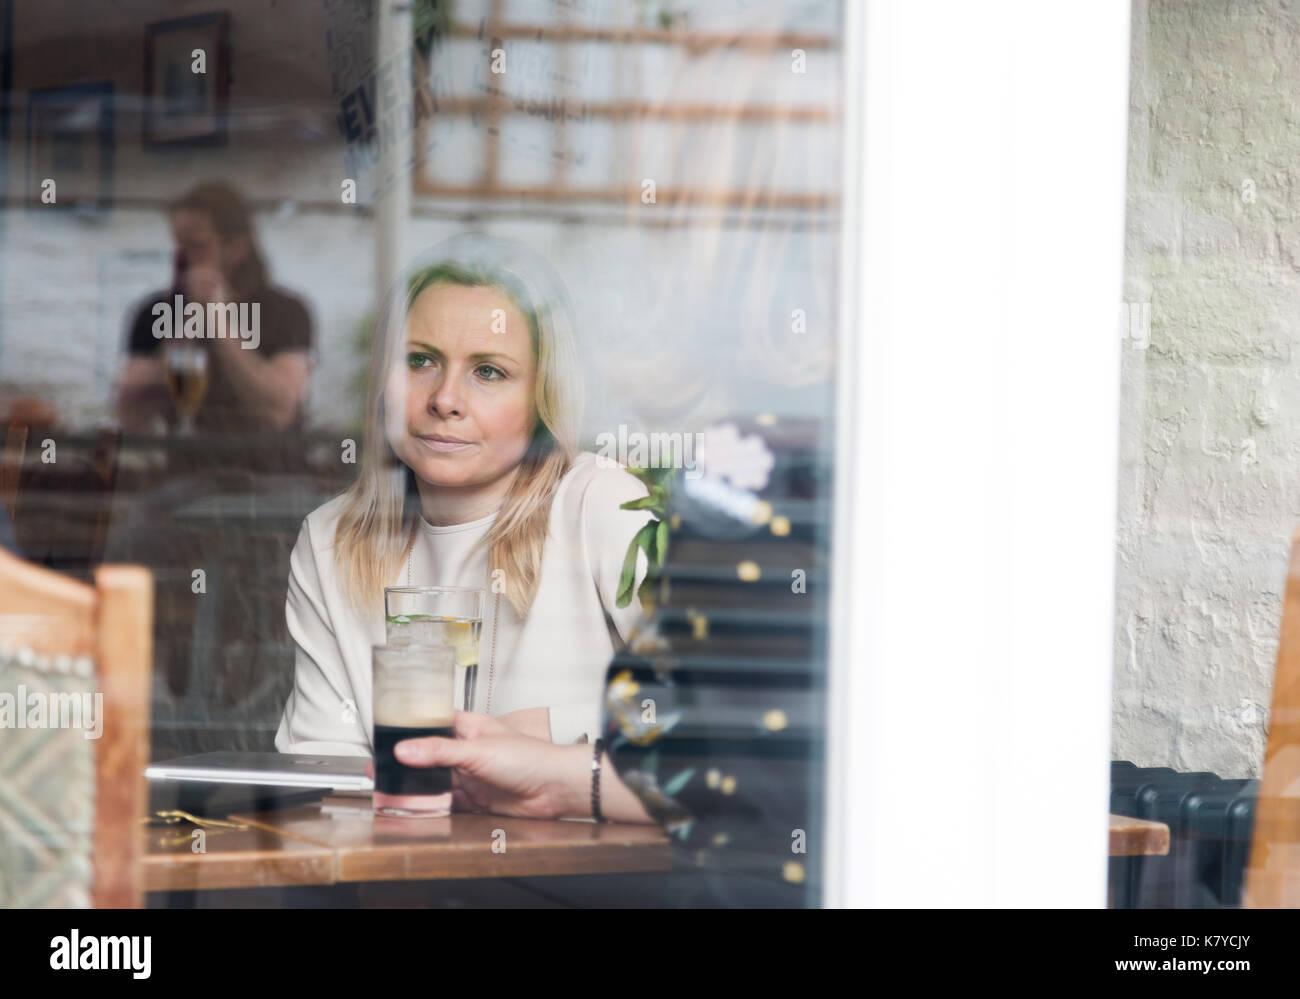 Nachdenklich blonden attraktiven jungen Erwachsenen einzelne Frau in der Kneipe. Durch das Fenster Geschossen mit Reflexionen auf Glas Stockbild